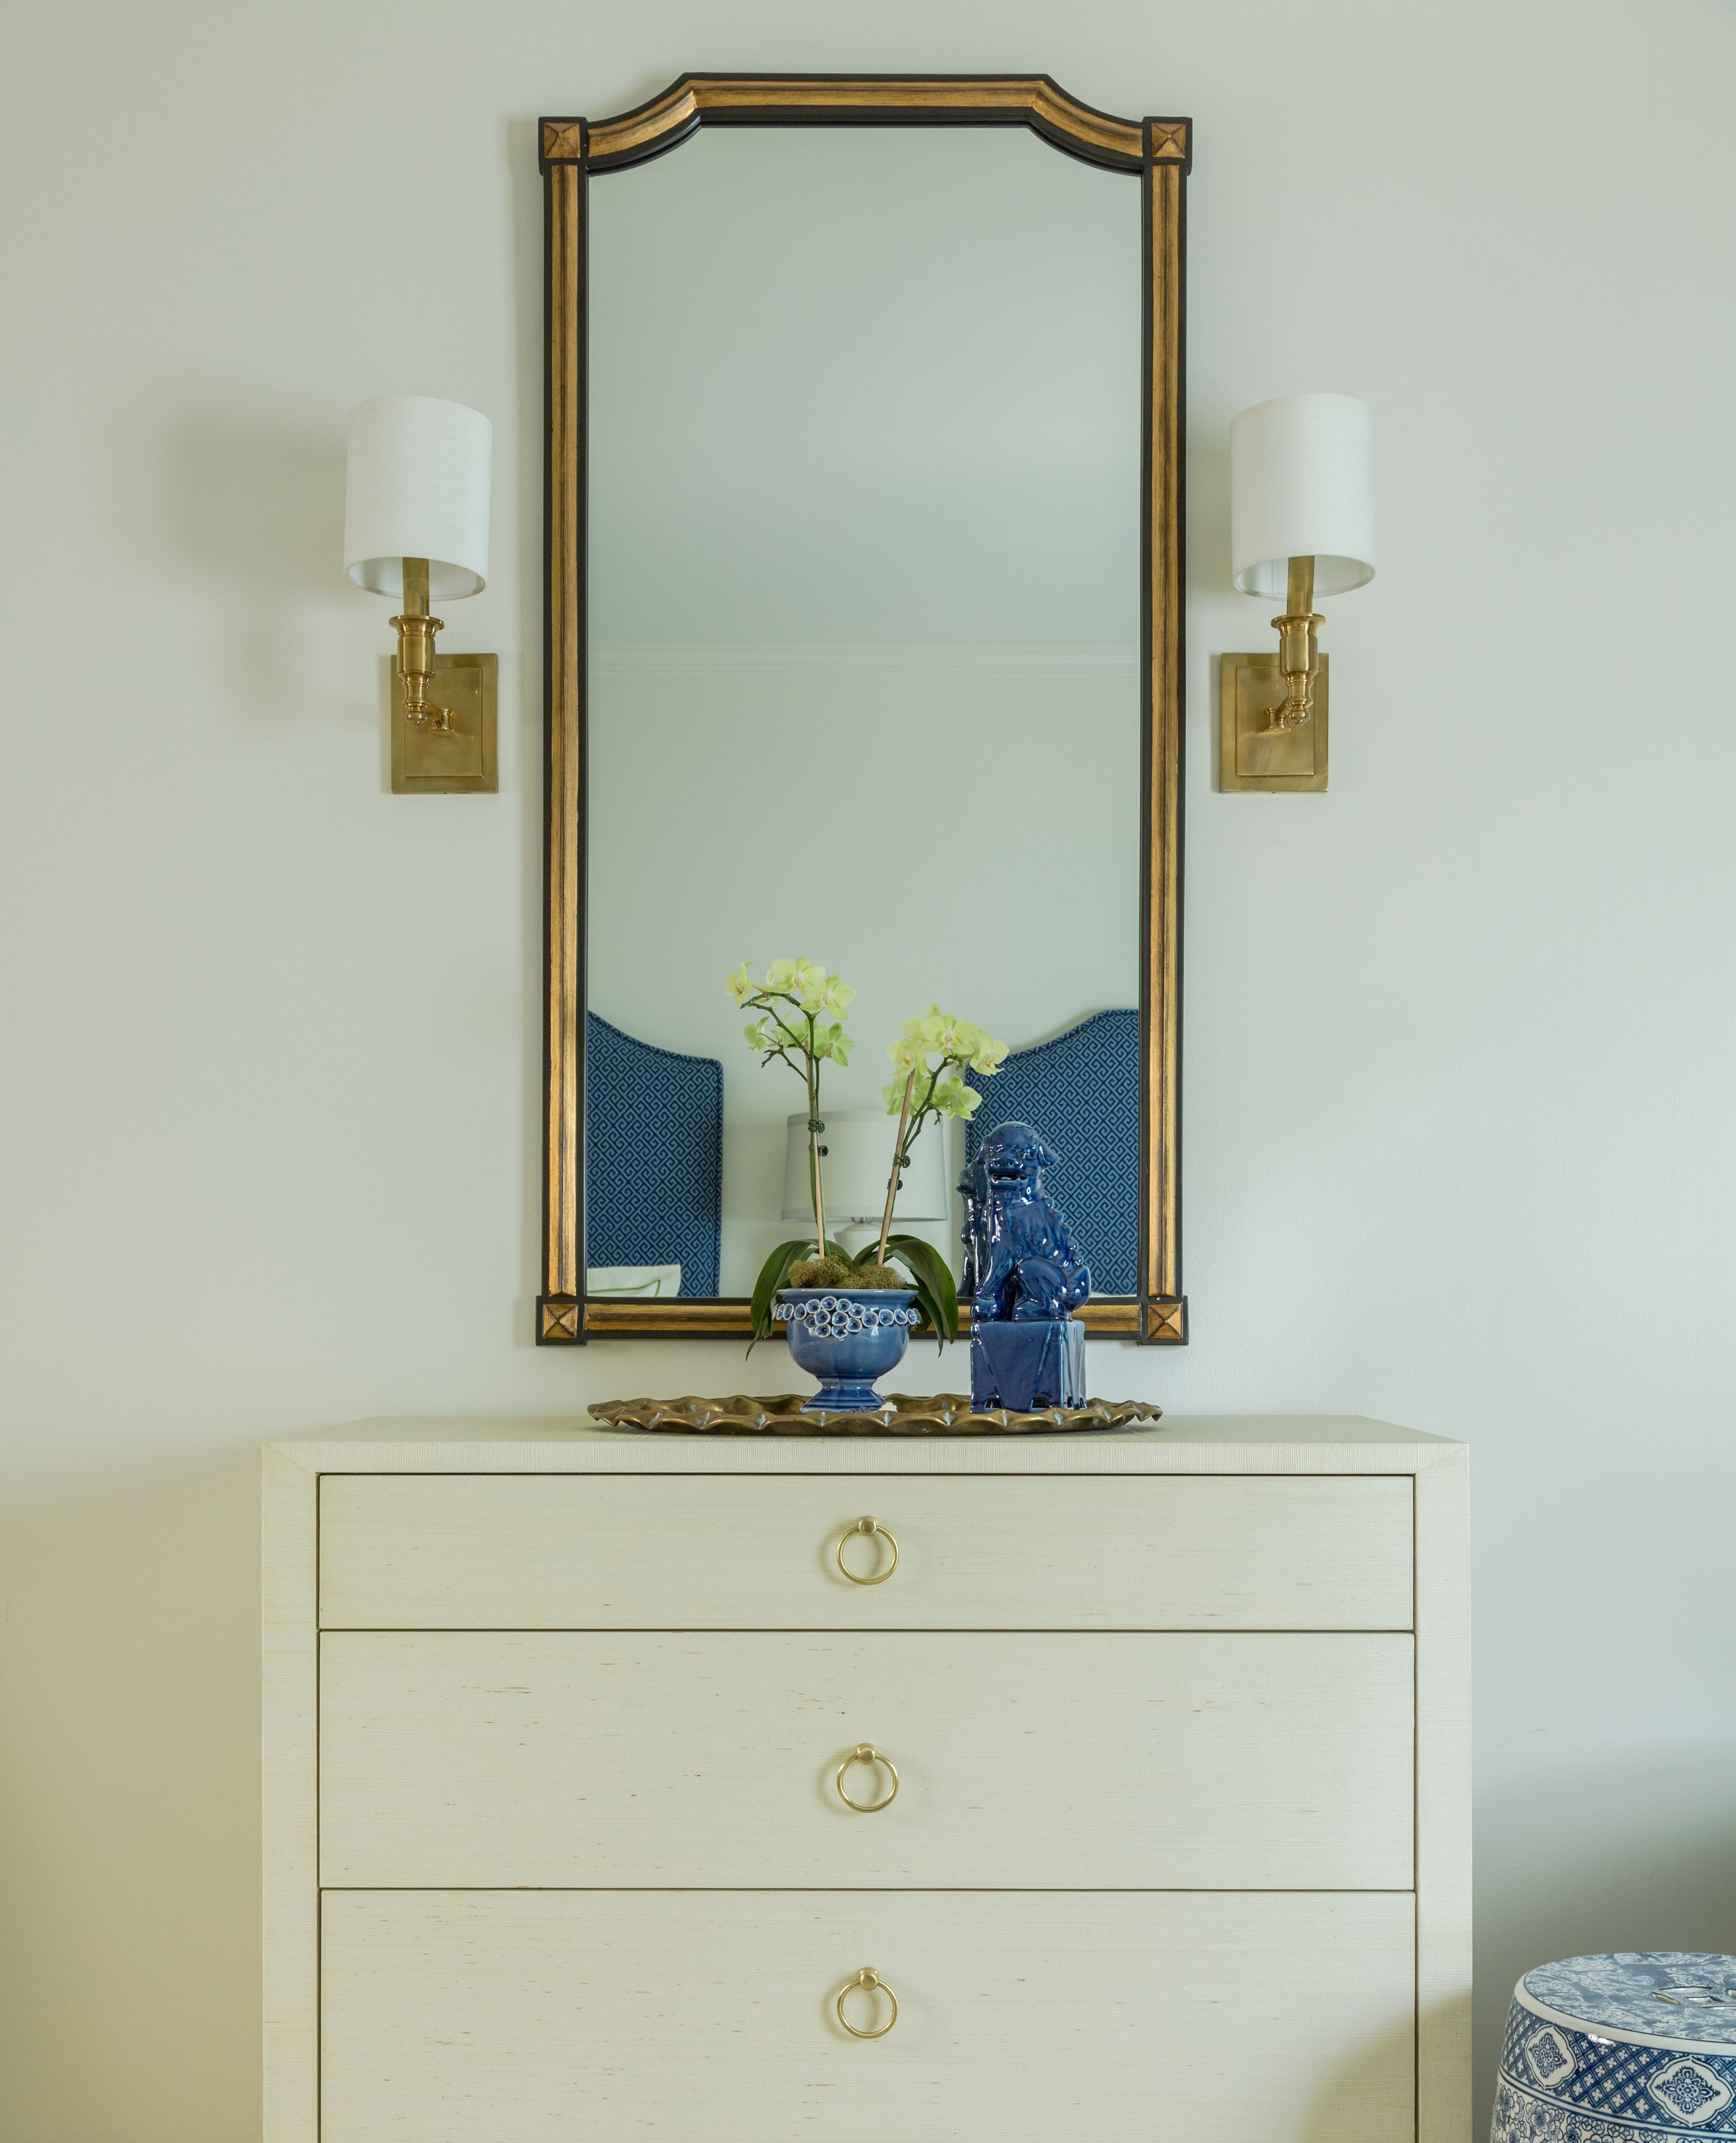 20 Susan Currie Mirrors Ideas Mirror Mirror Wall Mirror Decor